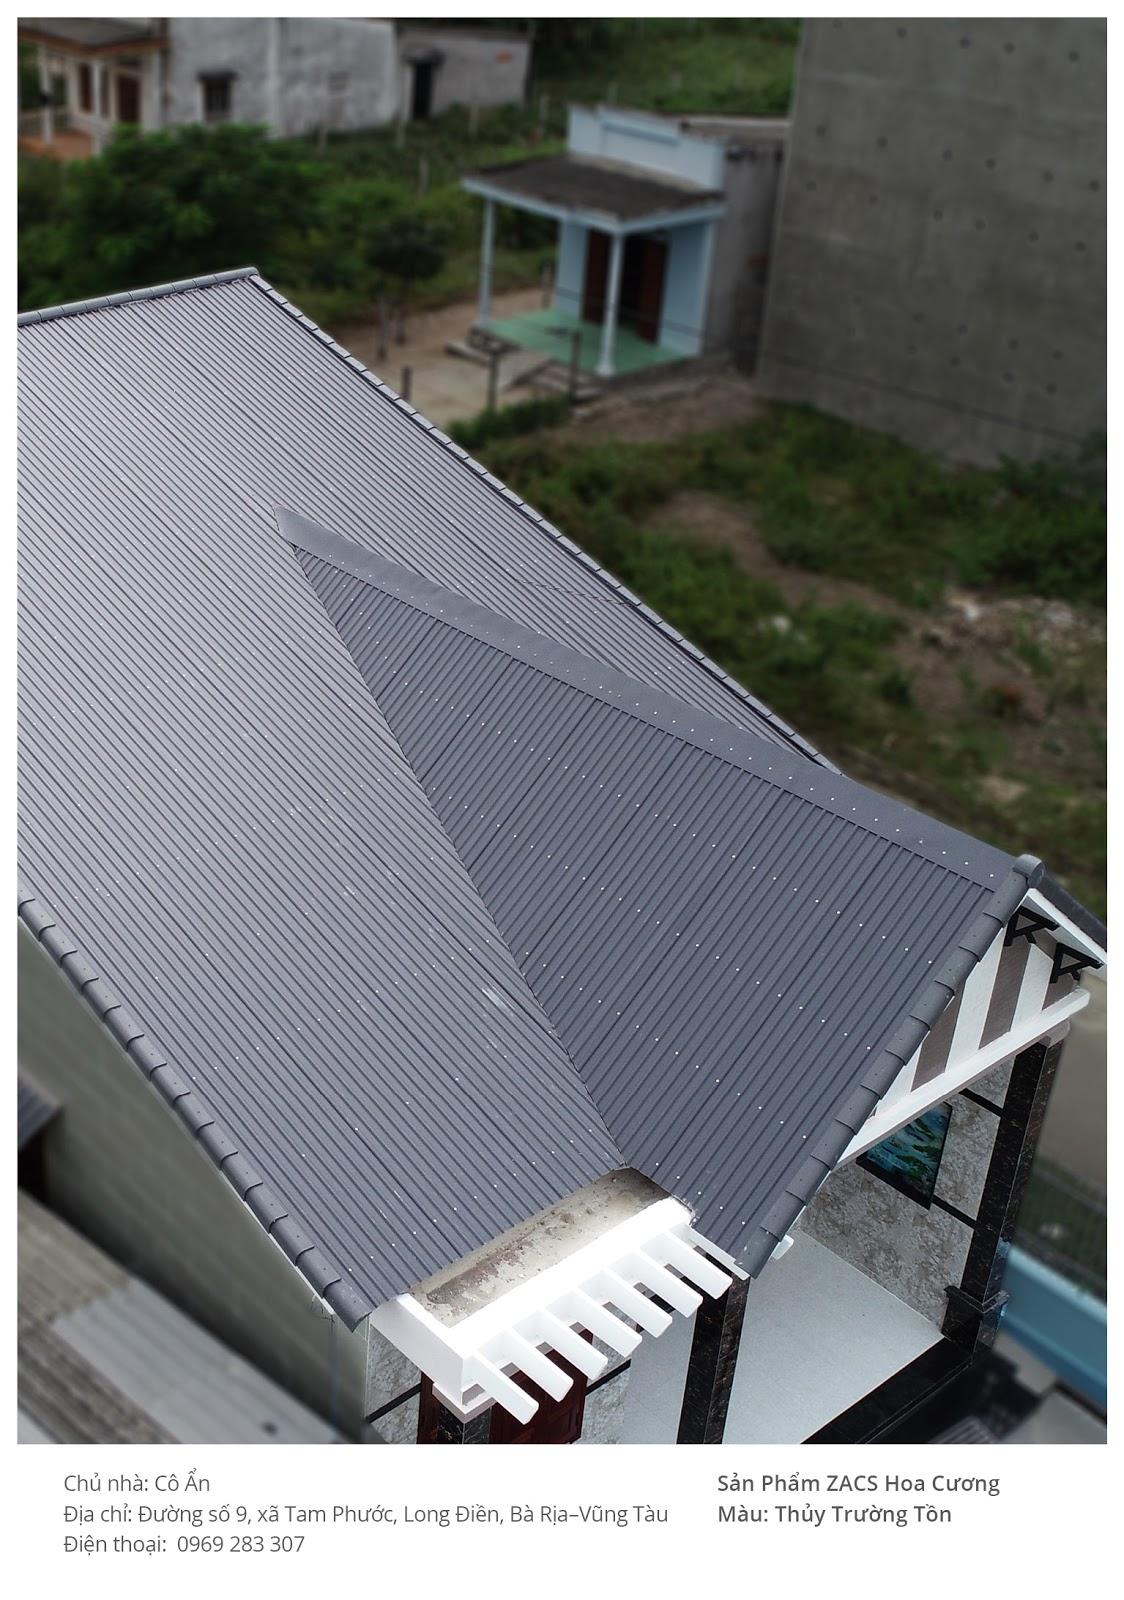 Một kiểu nhà mái tôn lạ mắt